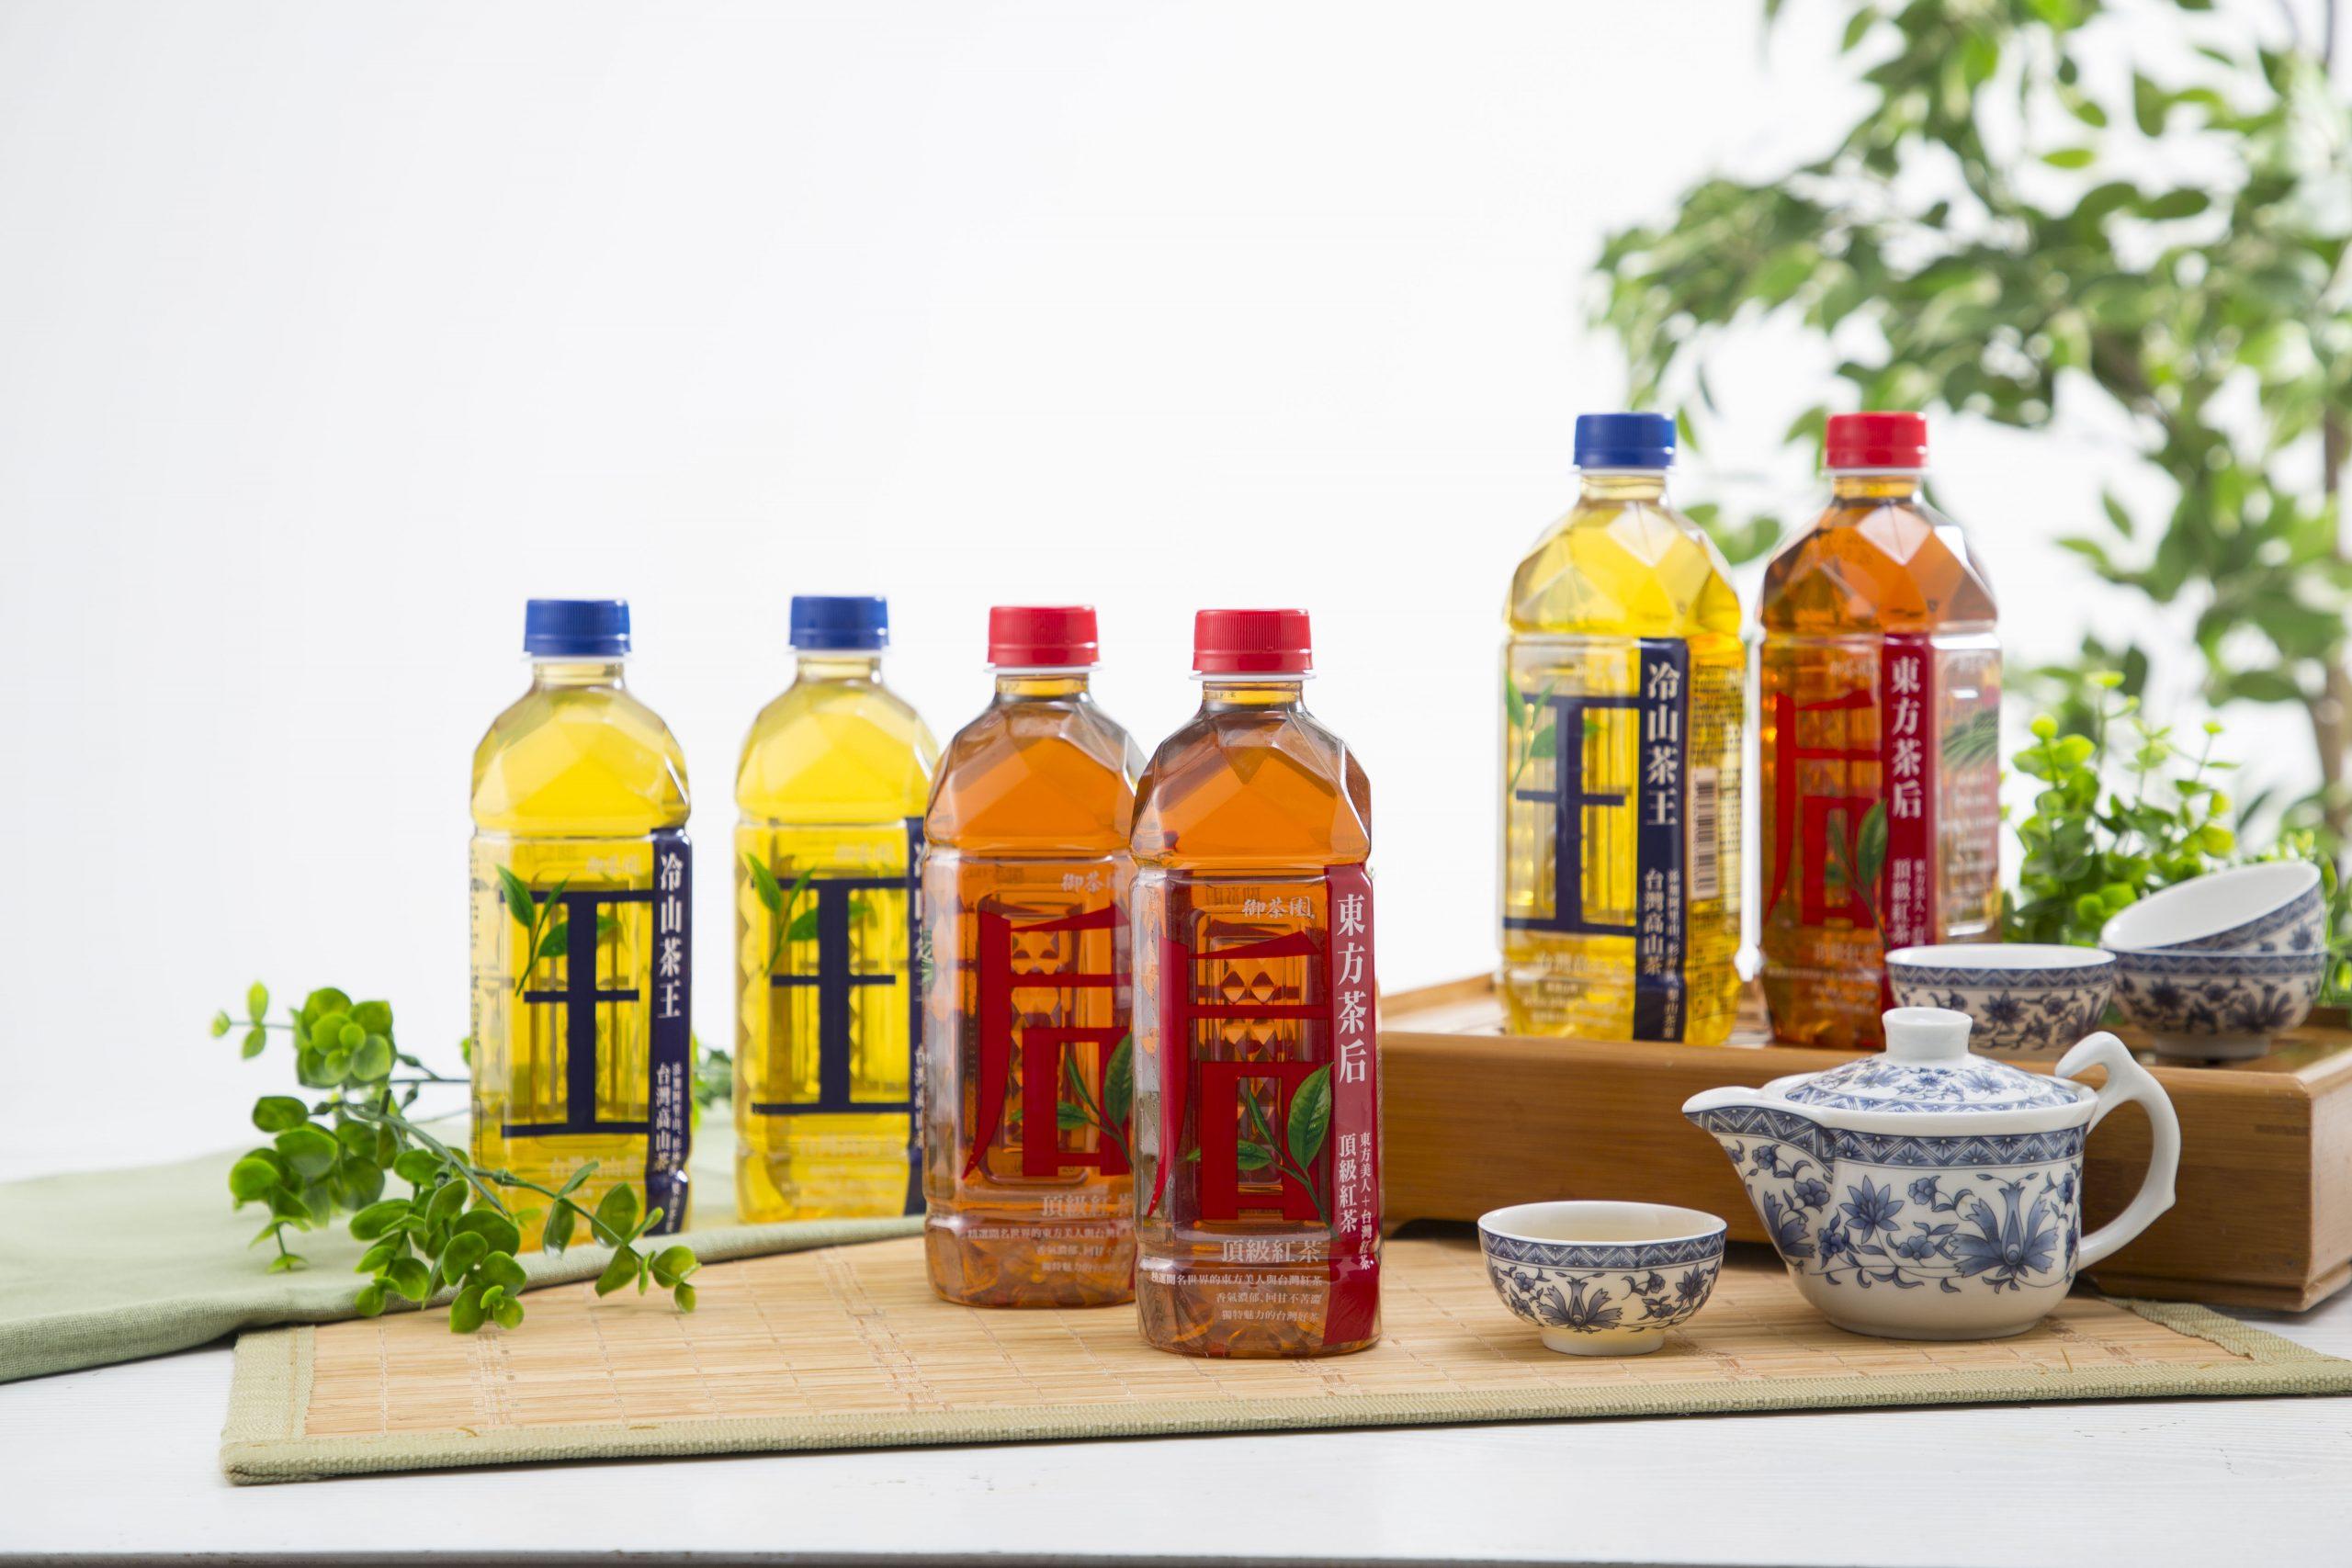 御茶園頂級台灣茶↘冷山茶王/東方茶后最回甘上市!